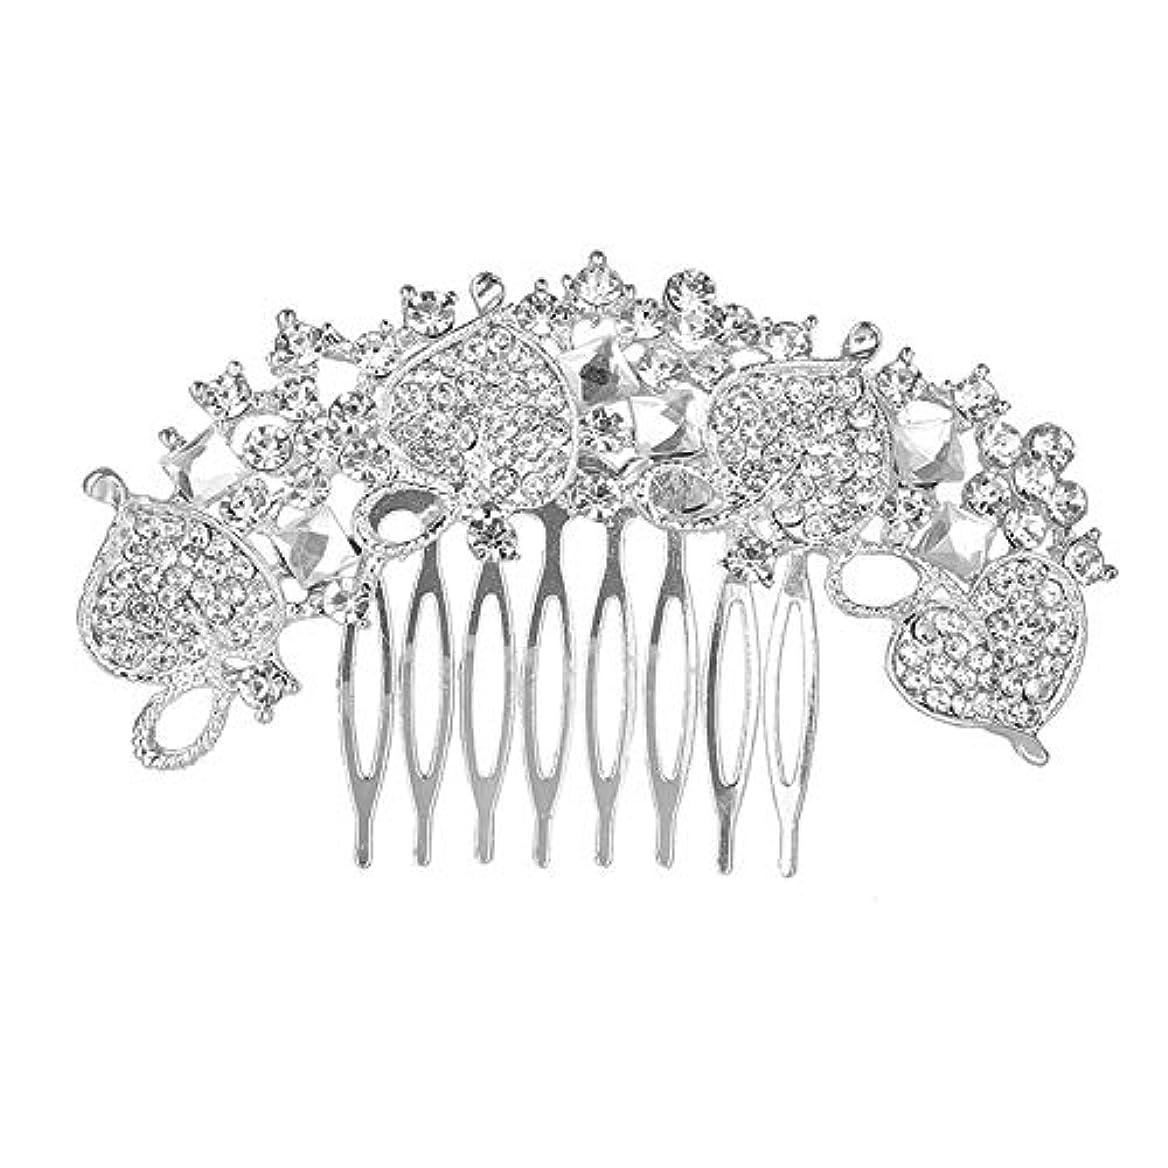 蓮フローリンケージ髪の櫛、櫛、花嫁の髪の櫛、クラウン髪の櫛、結婚式のアクセサリー、ラインストーンの髪の櫛、ブライダルヘアアクセサリー